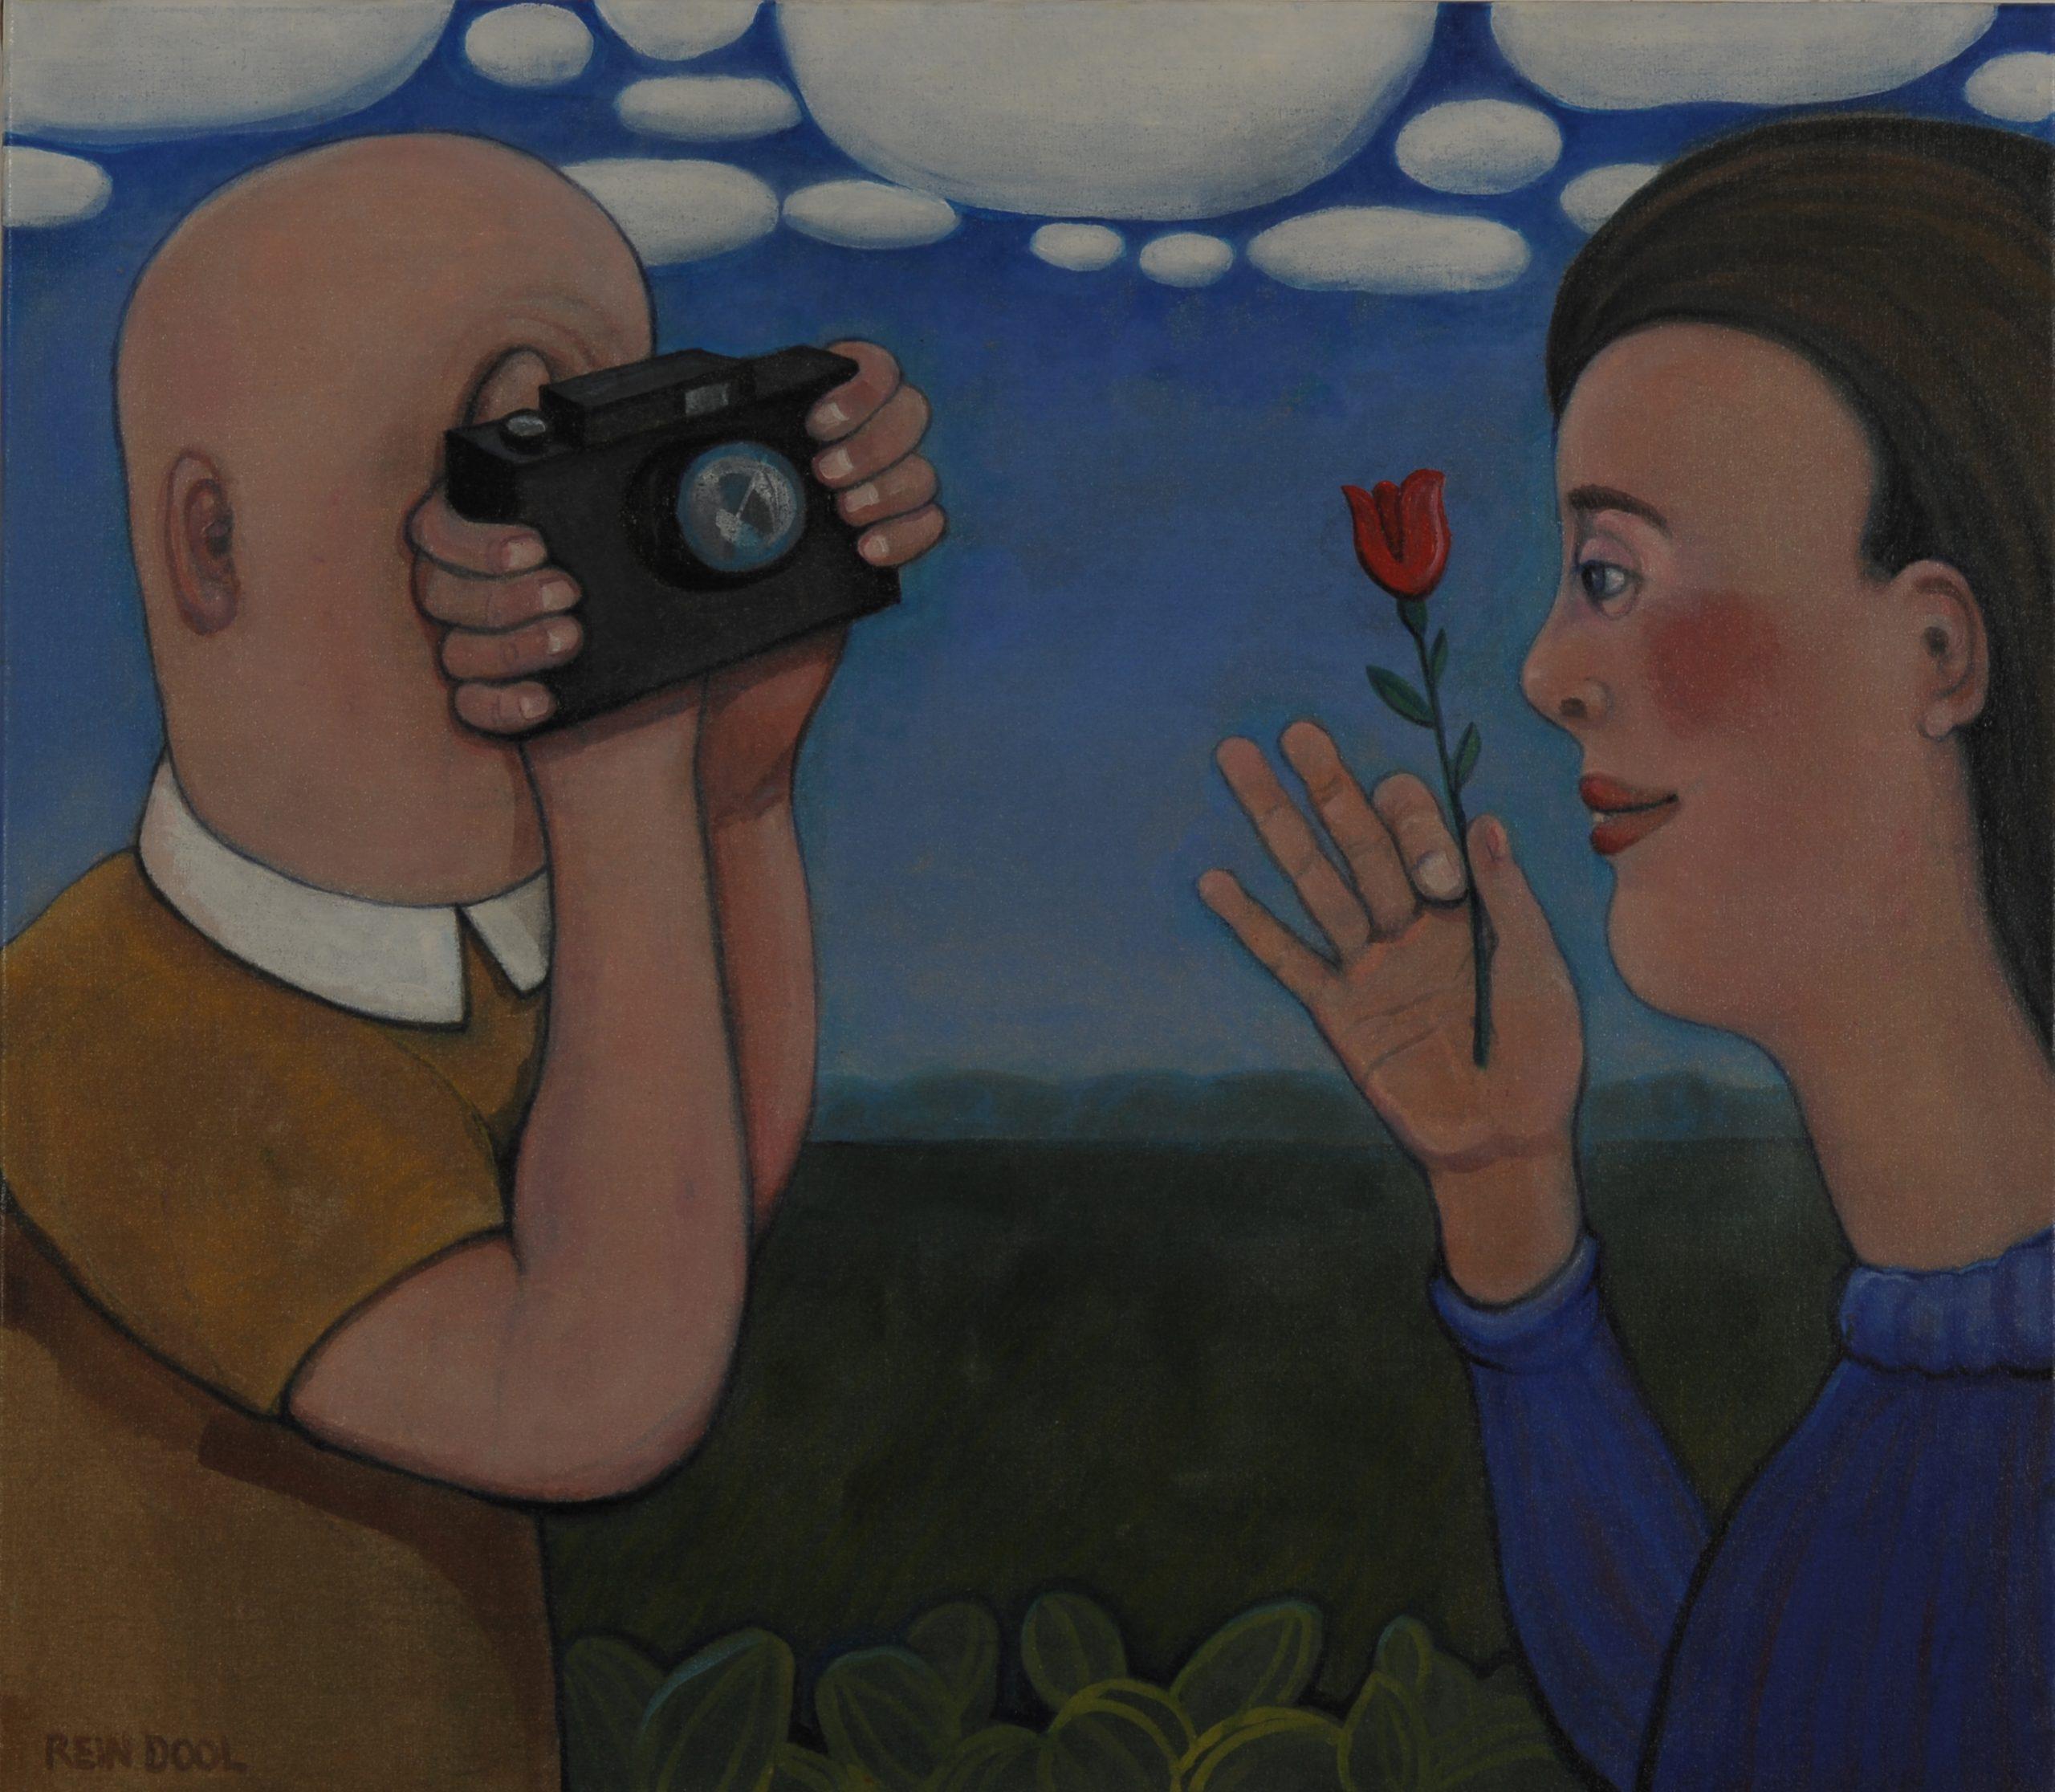 Georgische liefde1 - Rein Dool, 70x80 cm. olie tempera 2012